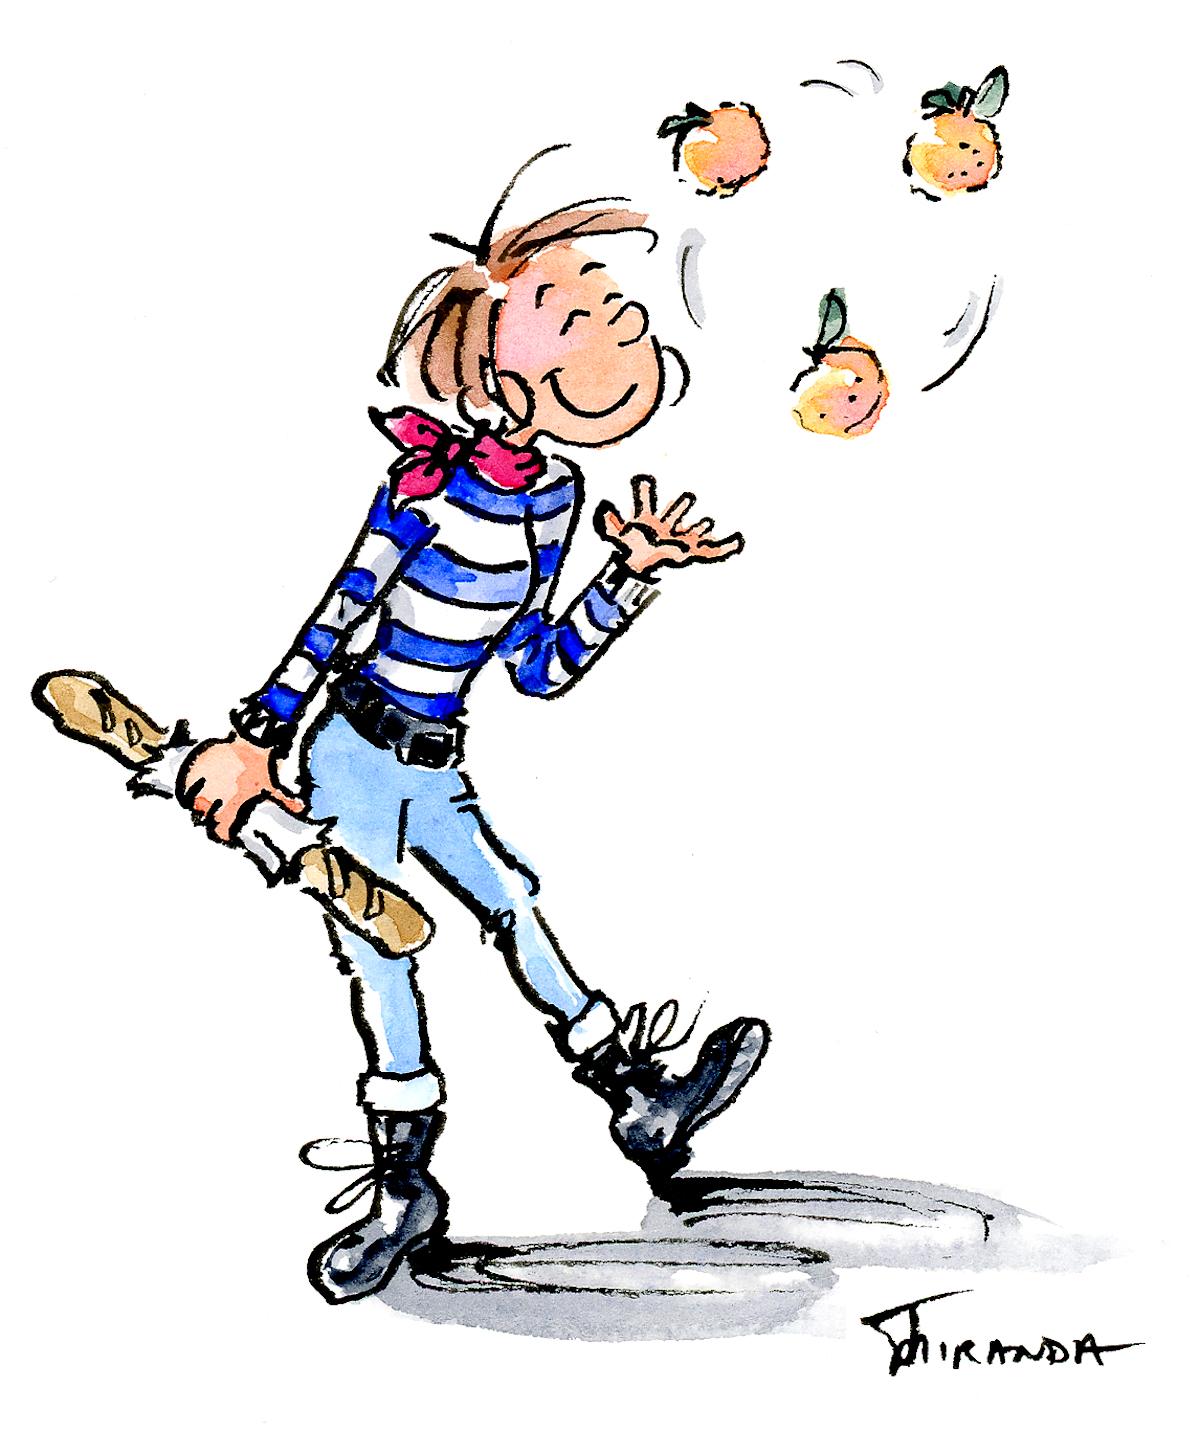 French girl cartoon illustration by Joana Miranda